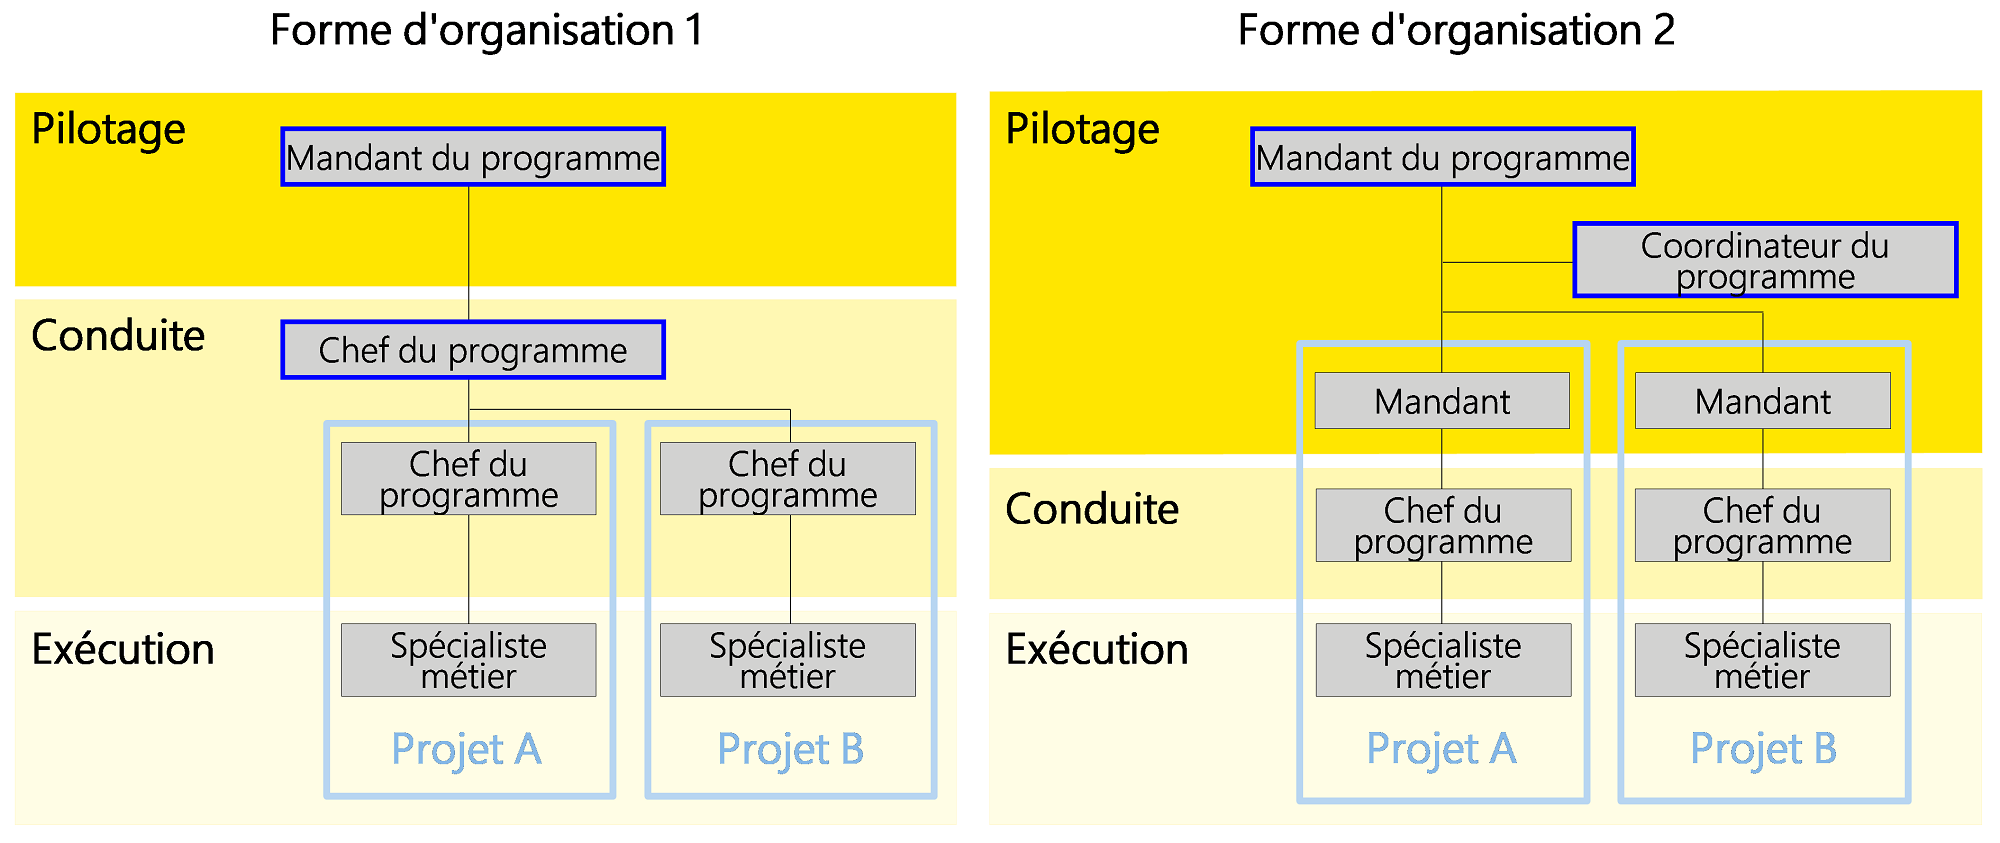 Figure7: Aperçu des deux formes d'organisation décrites